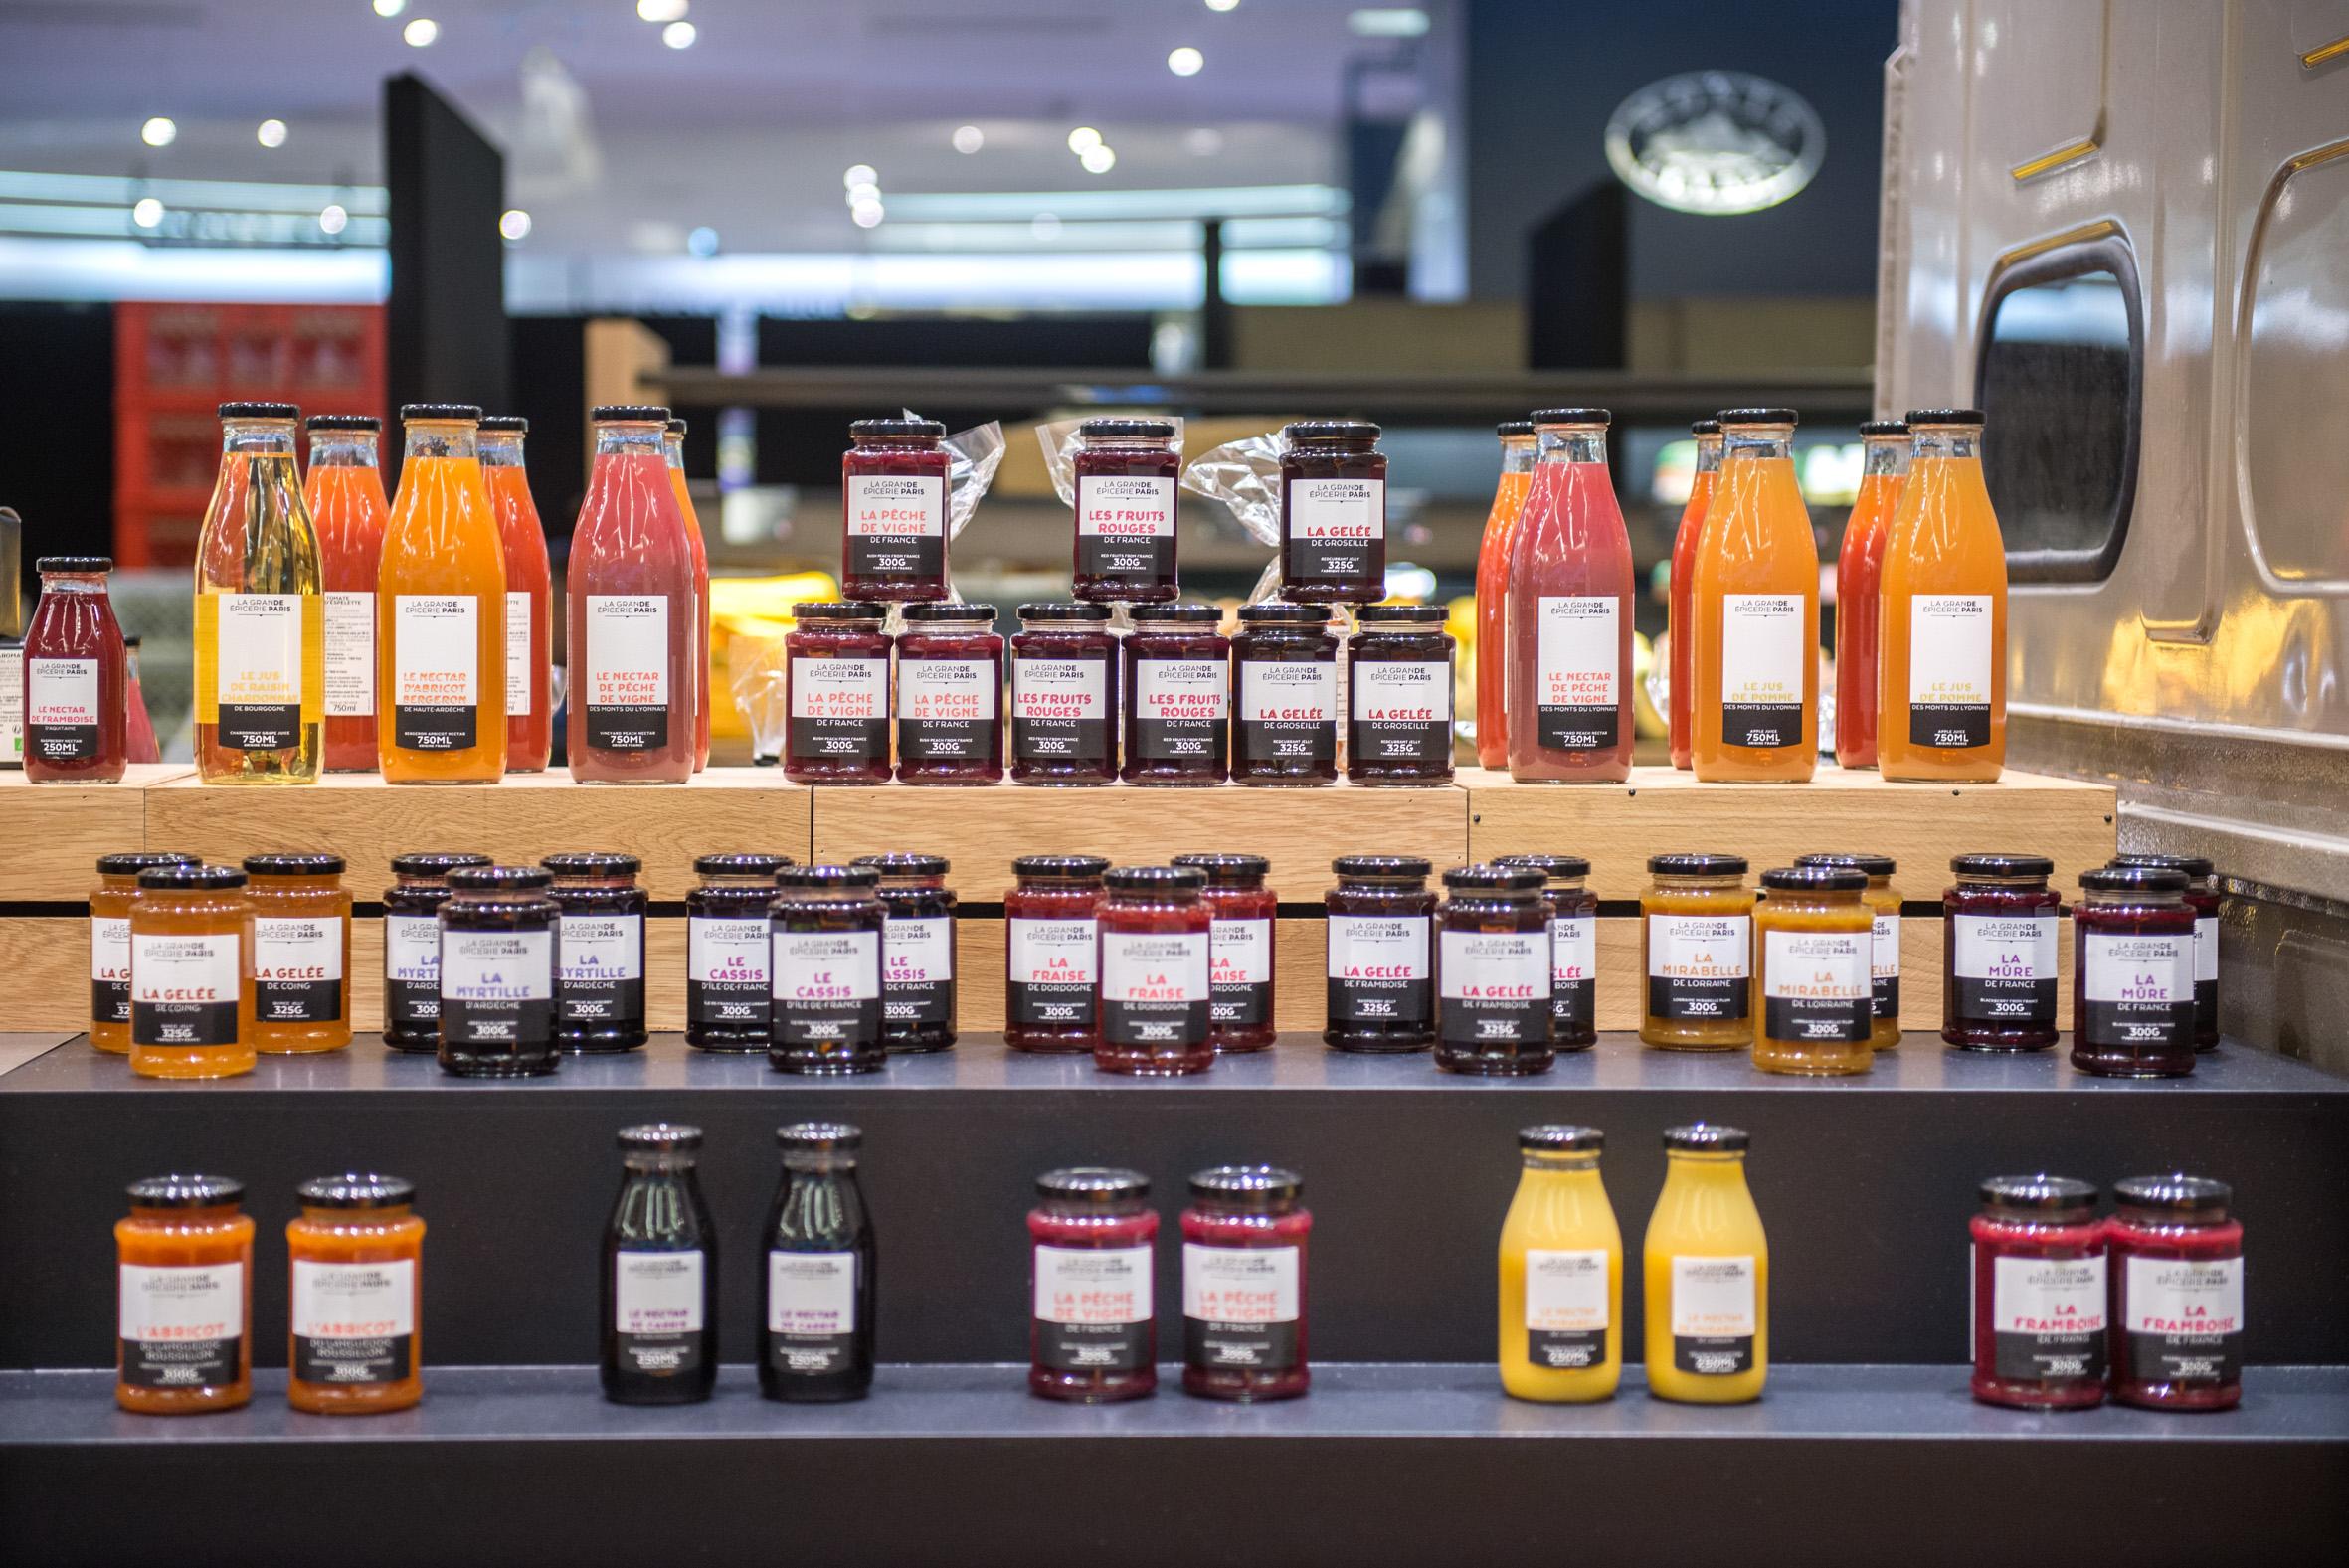 Un large choix de confitures, miels et jus de fruits tous excellents